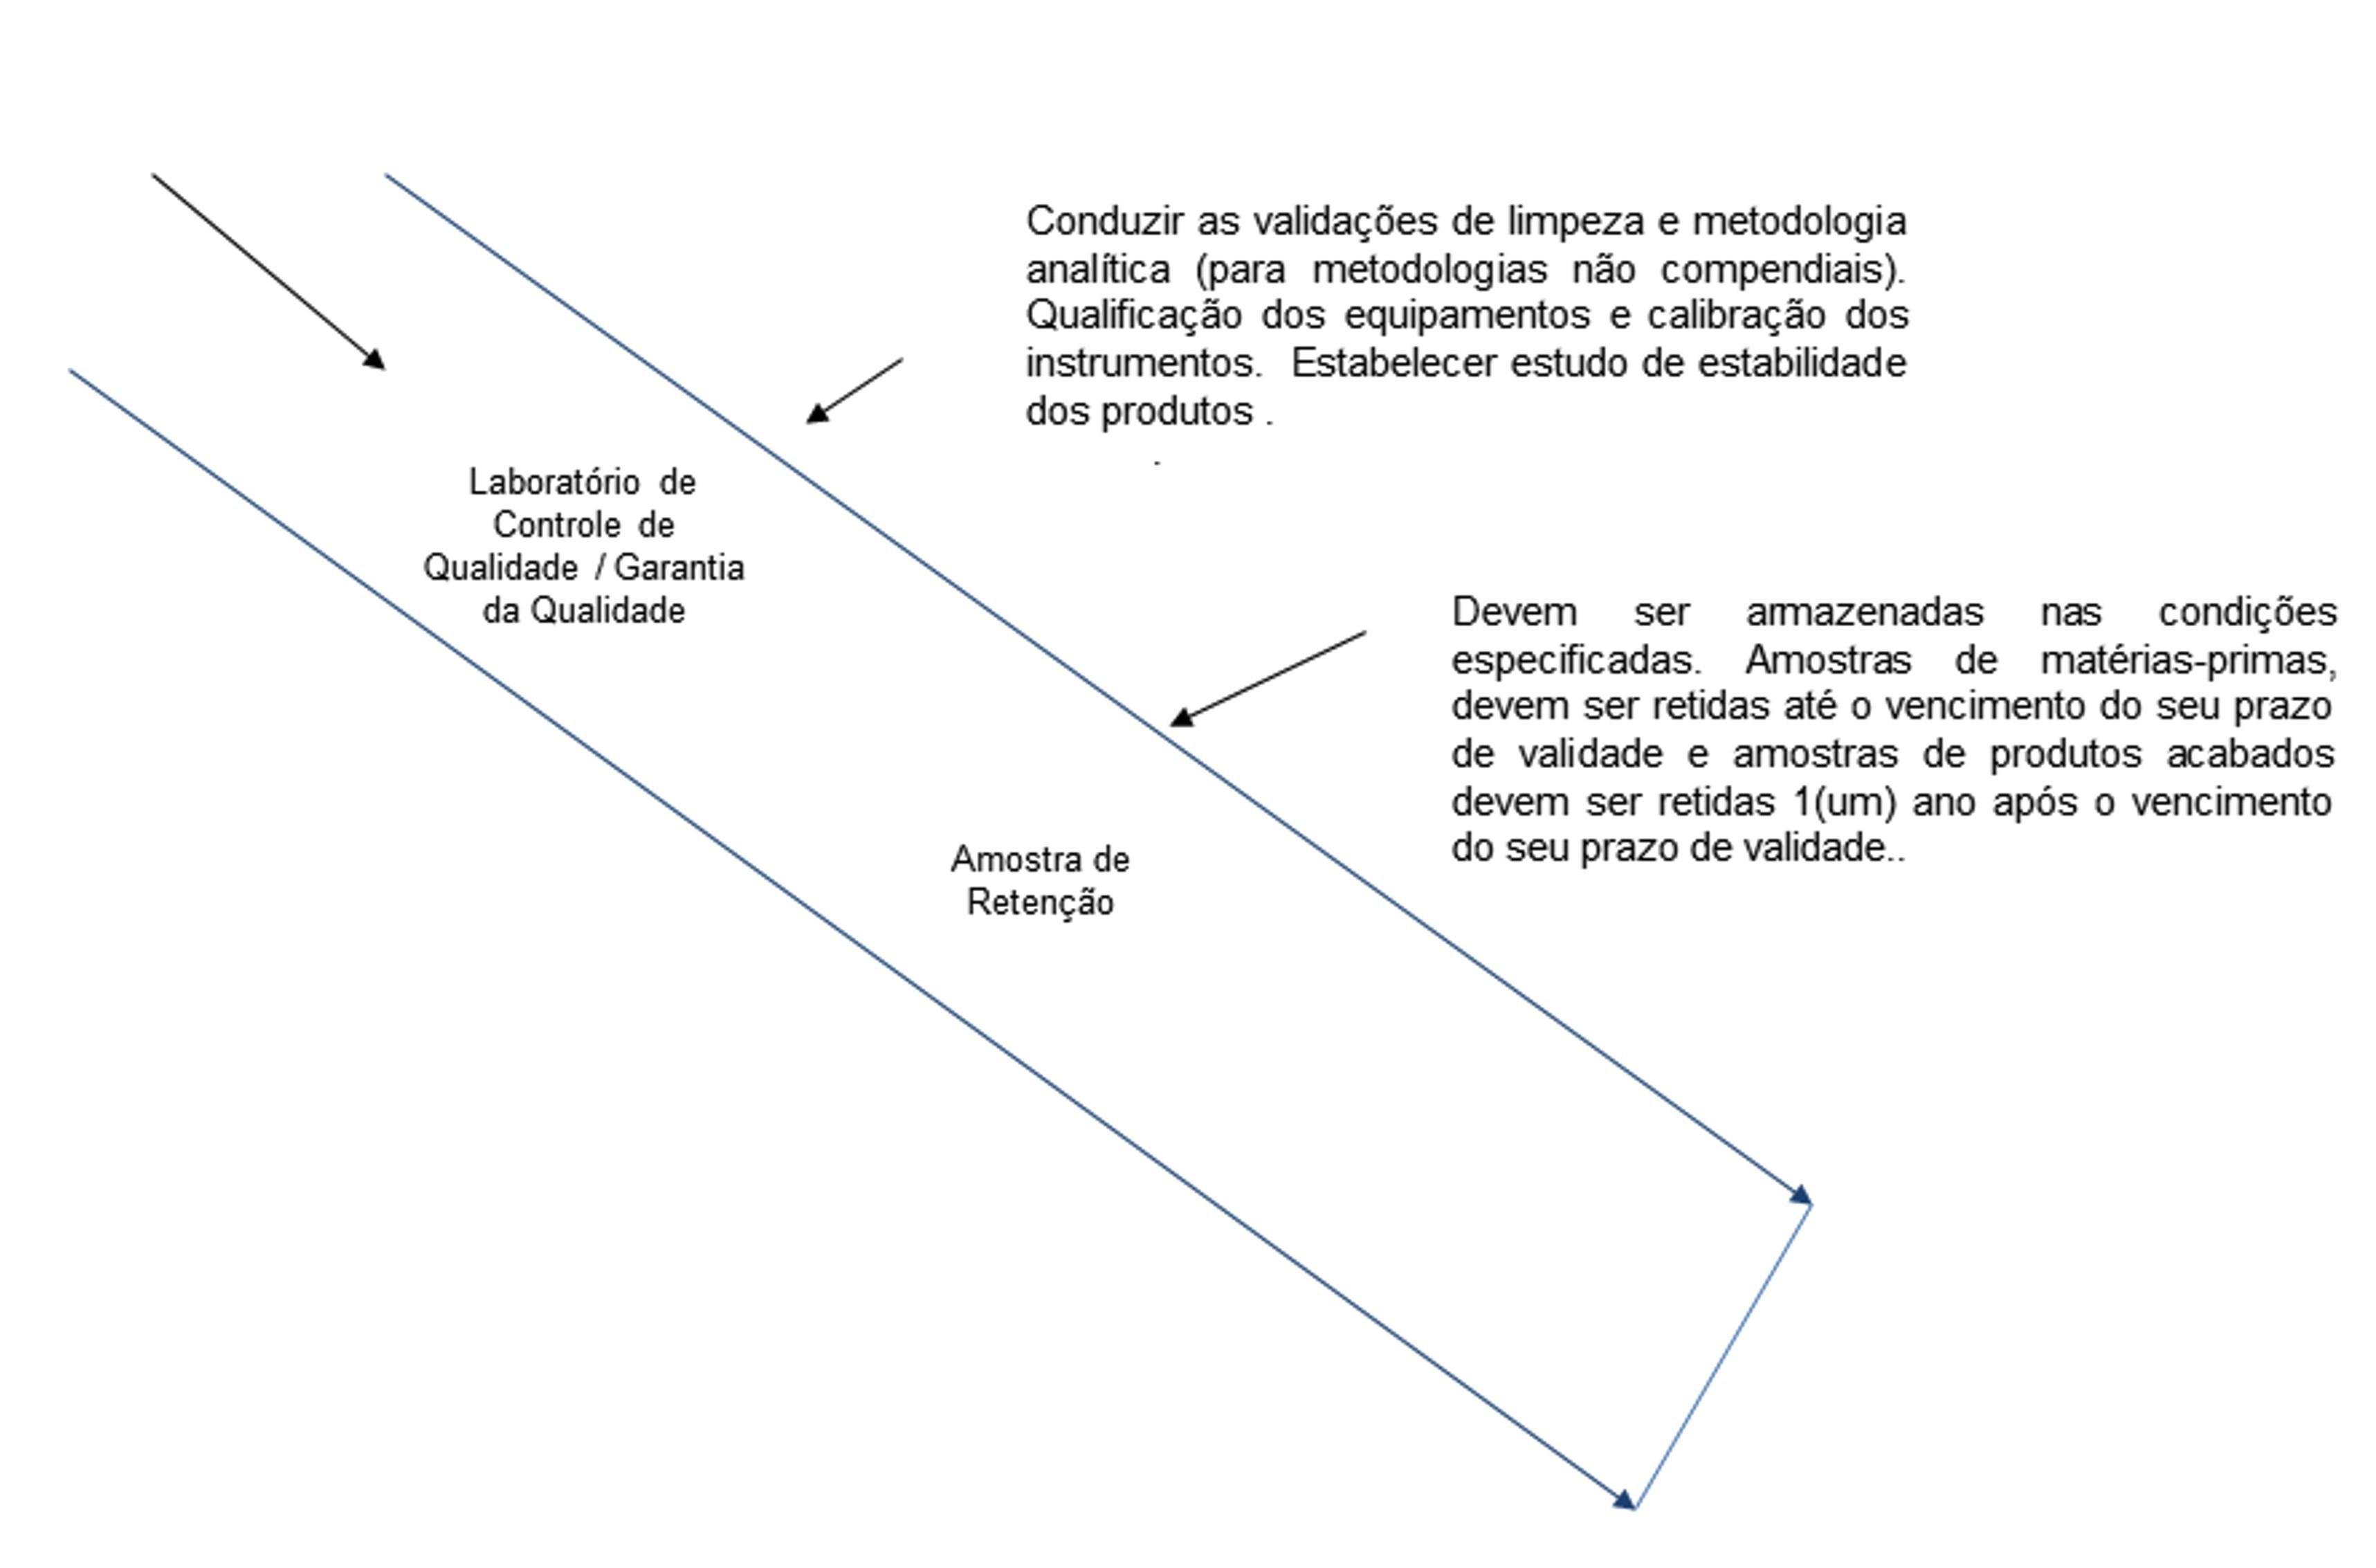 http://boaspraticasnet.com.br/wp-content/uploads/2013/06/Figura-31.jpg